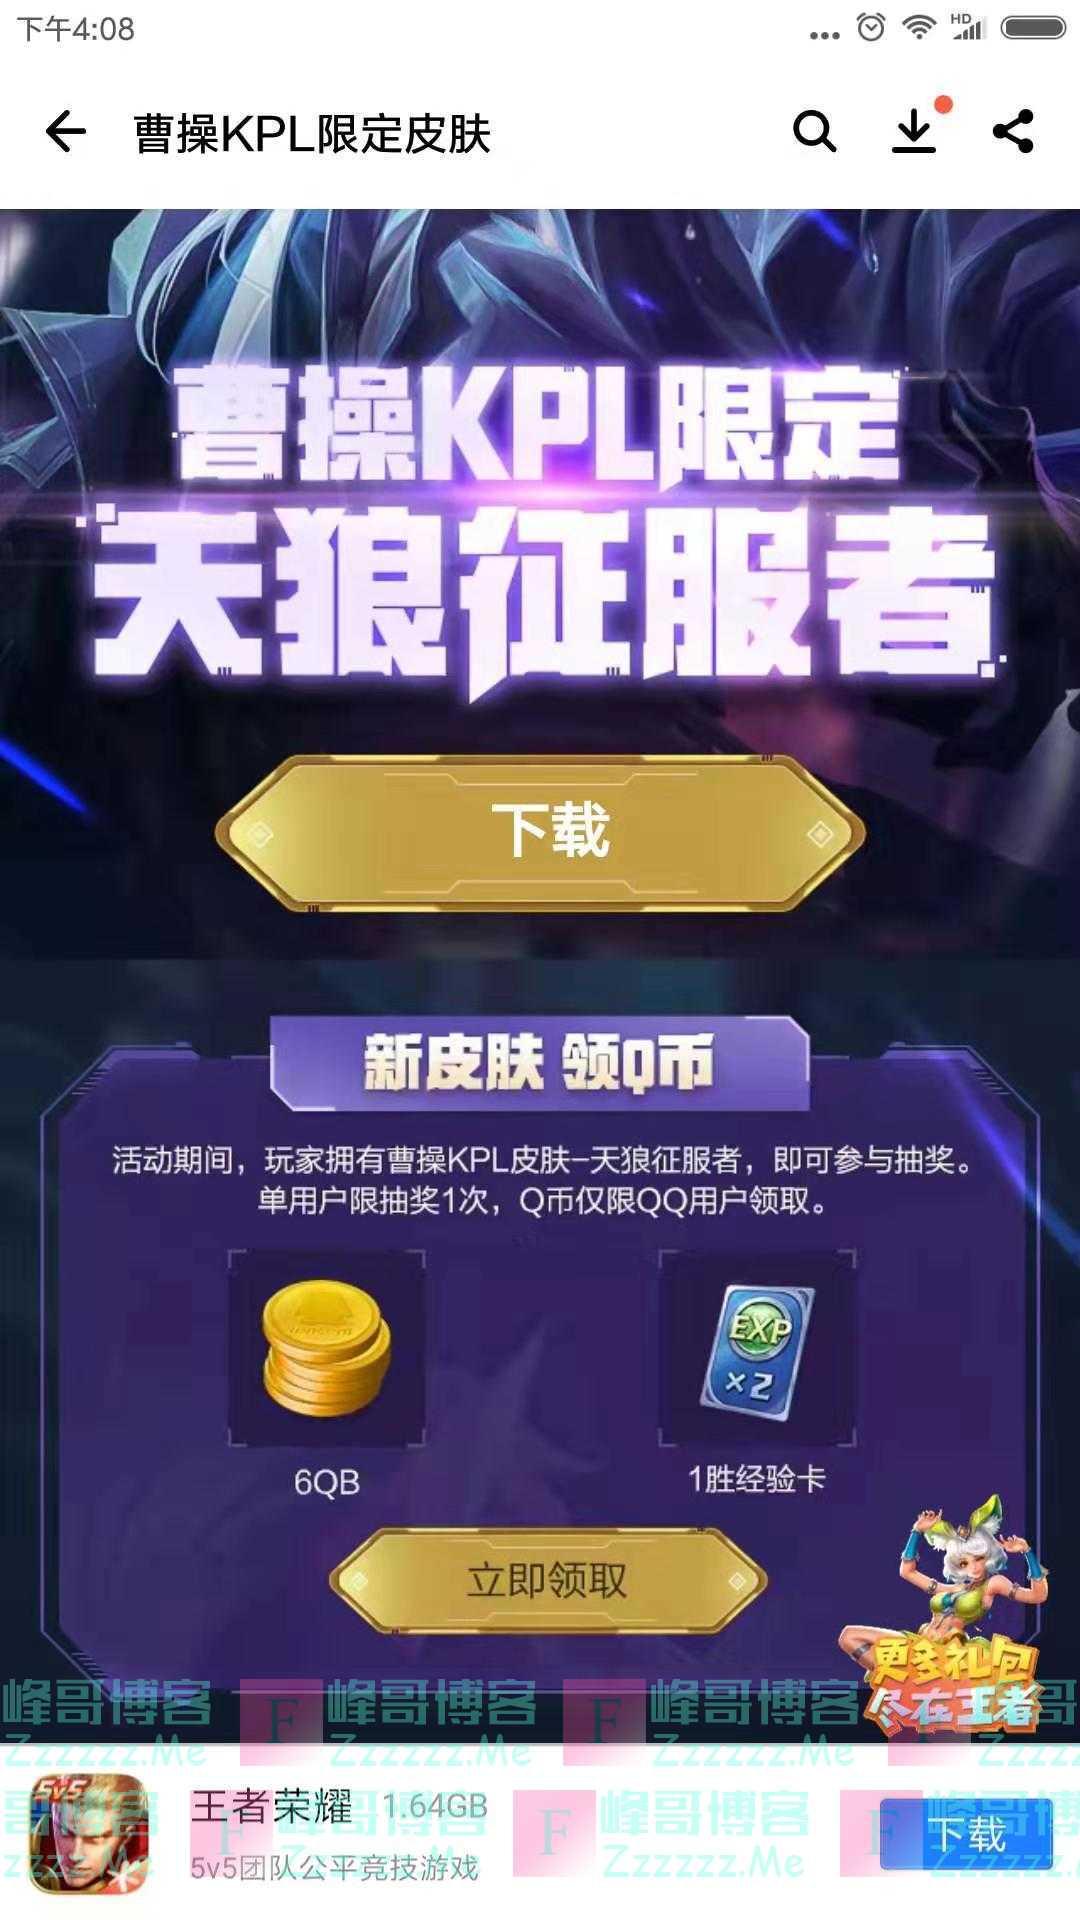 应用宝王者荣耀 新皮肤领Q币(截止12月24日)